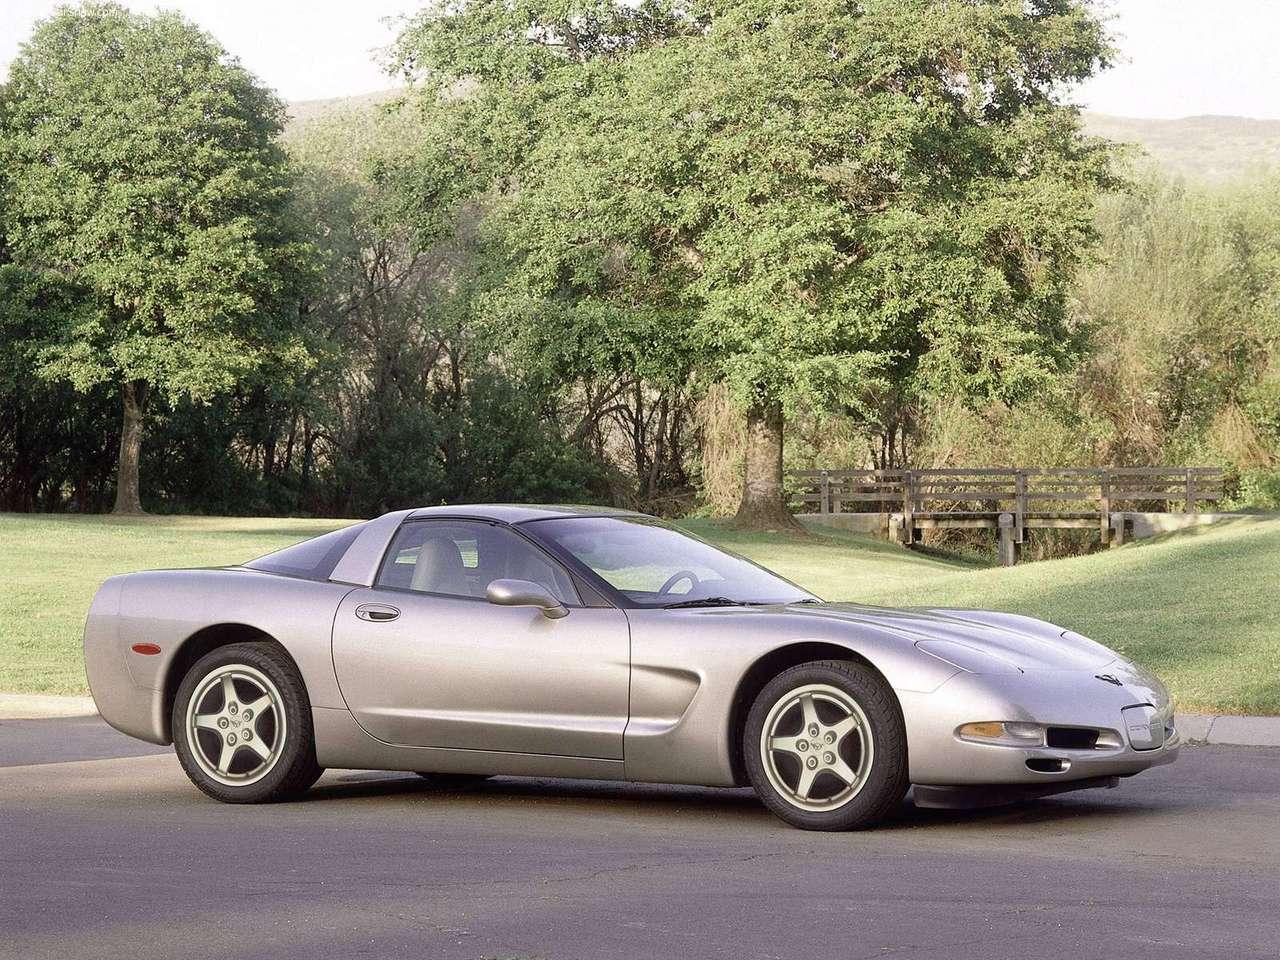 http://4.bp.blogspot.com/-A2x8Dl2pENI/TZBWAye--lI/AAAAAAAAOKQ/9IyFmm_JKck/s1600/Chevrolet-Corvette_2000_1280x960_wallpaper_04.jpg